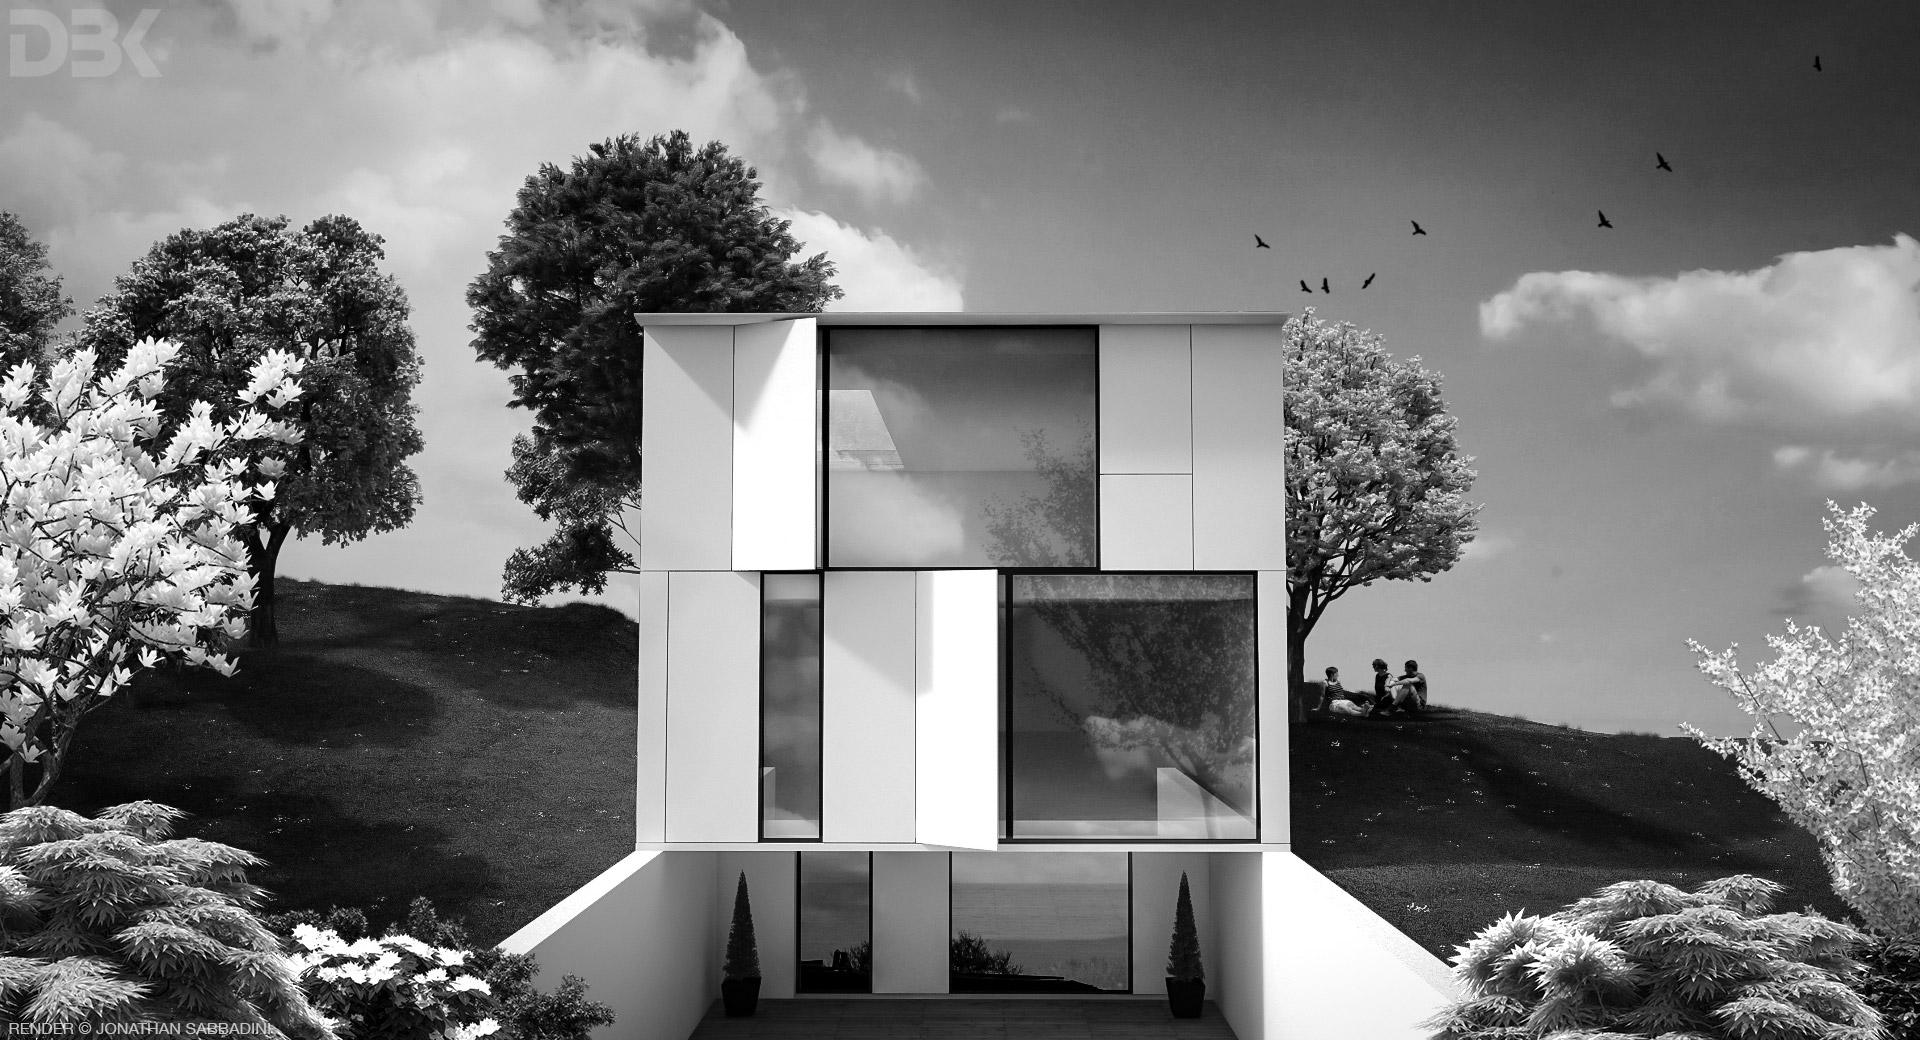 Villa sulla collina, concept render